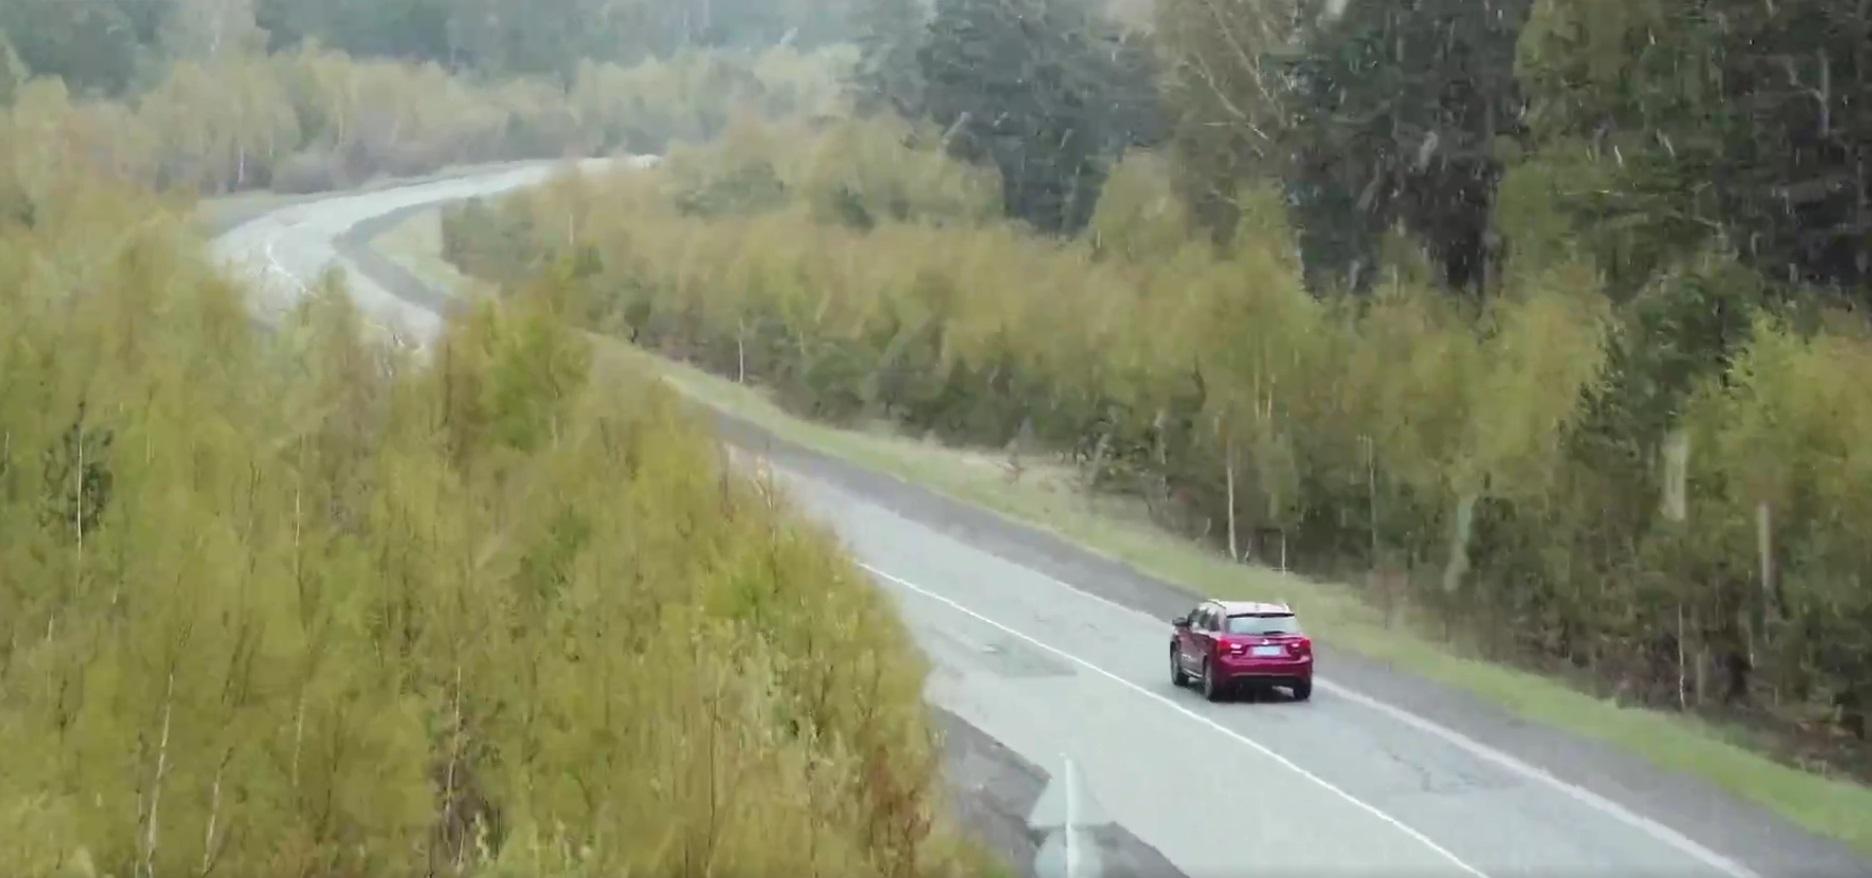 视频开头田沅小姐姐开车走在乌拉尔的山林之间